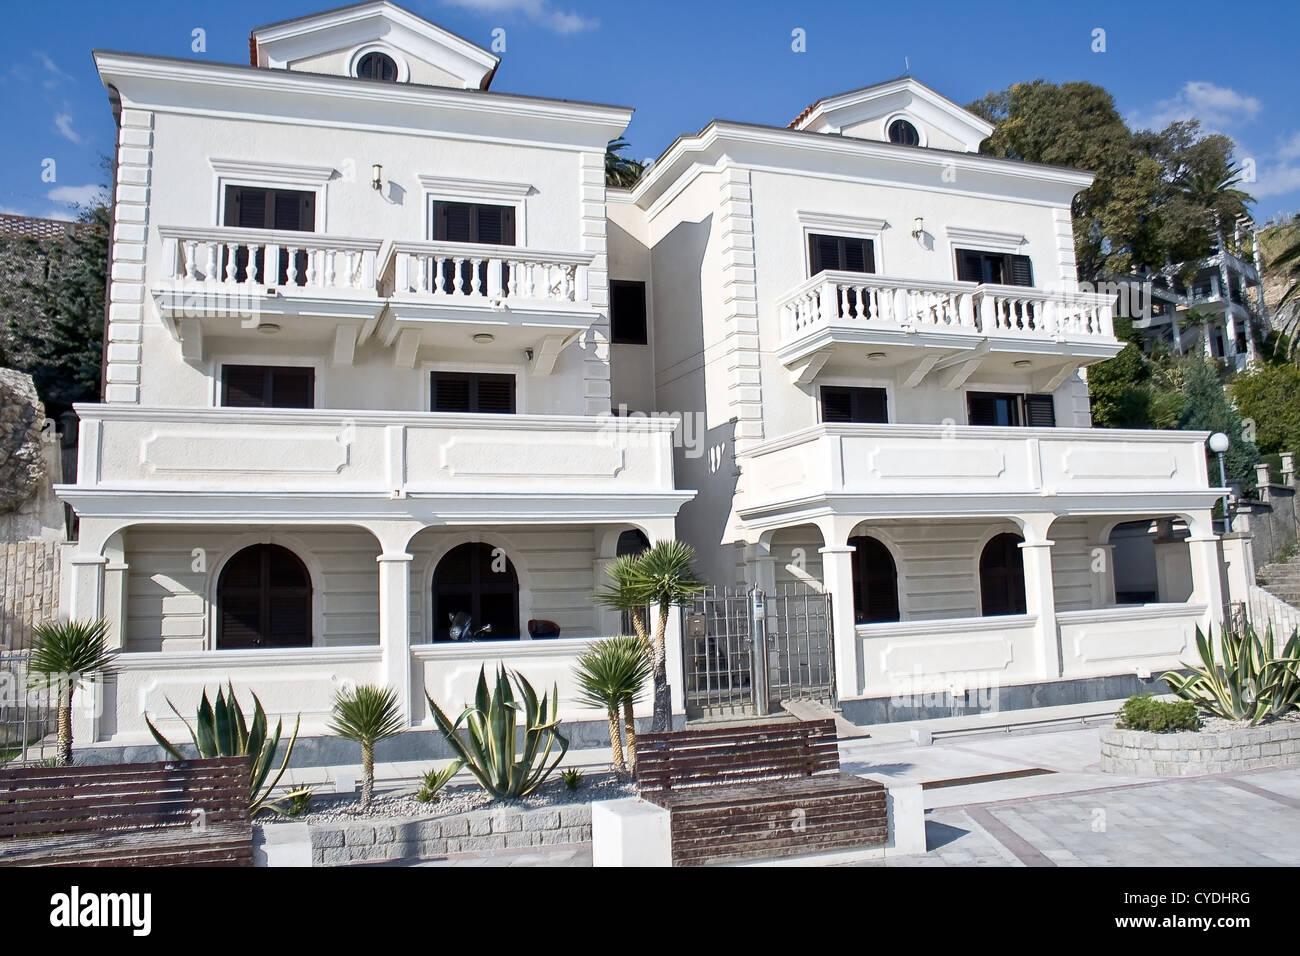 Zwei Weisse Mediterrane Hauser Stockfoto Bild 51315812 Alamy